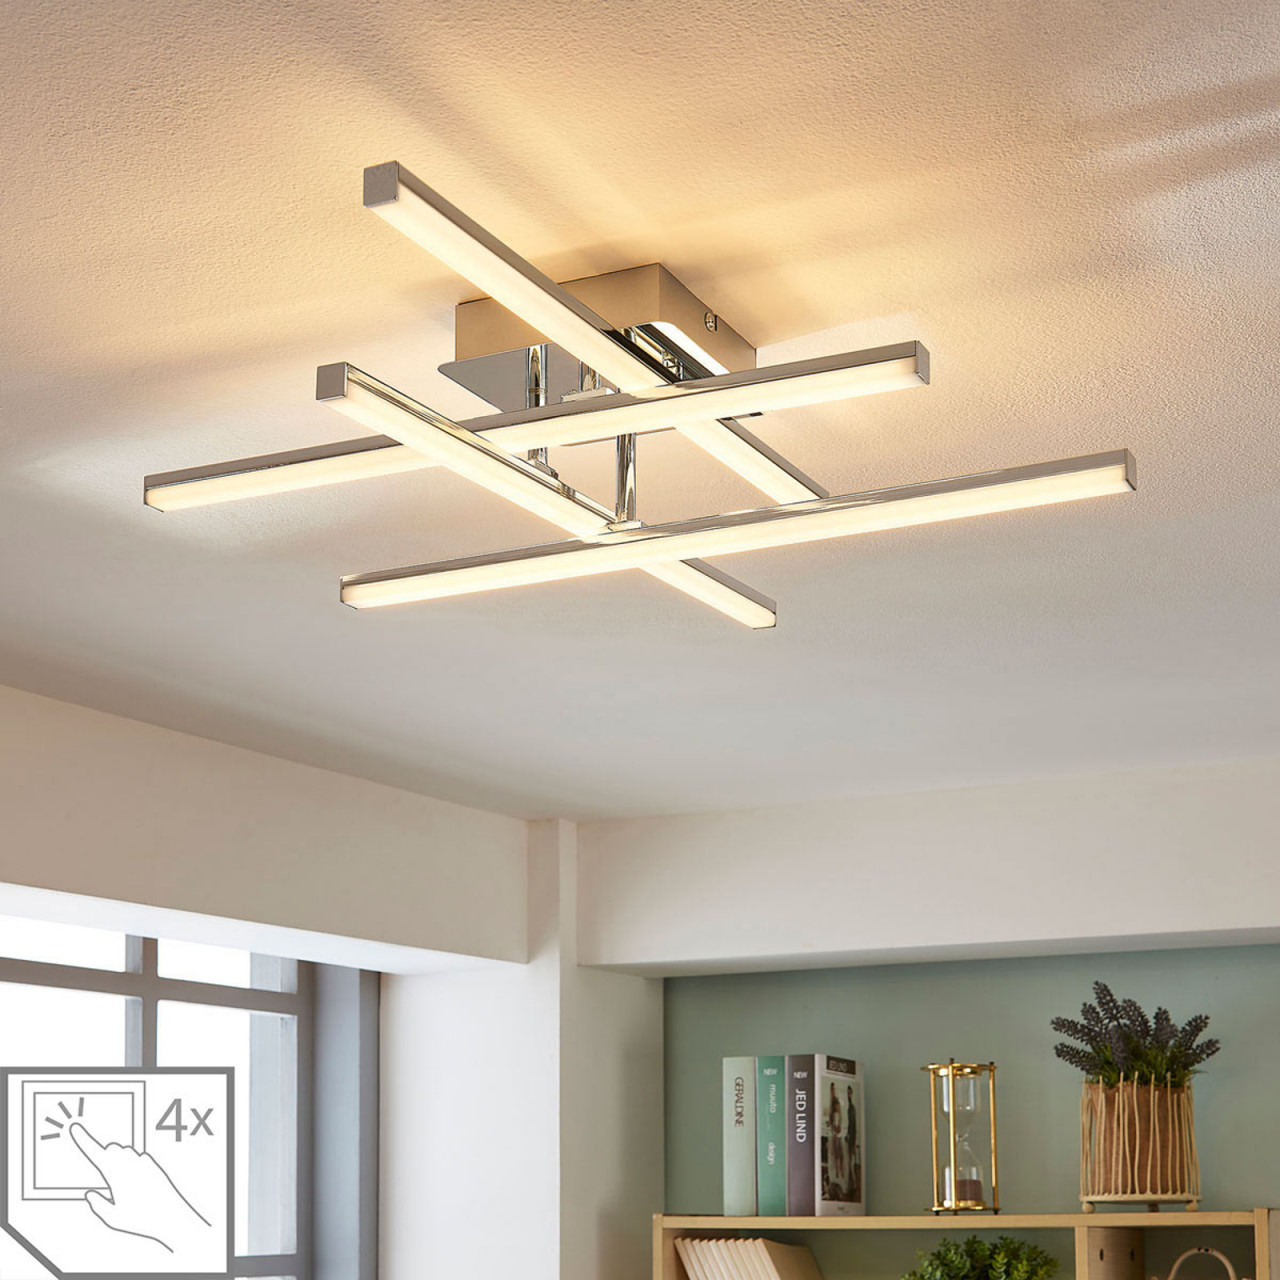 Möbel  Wohnaccessoires Küche Haushalt  Wohnen Für von Deckenleuchte Wohnzimmer Led Dimmbar Bild